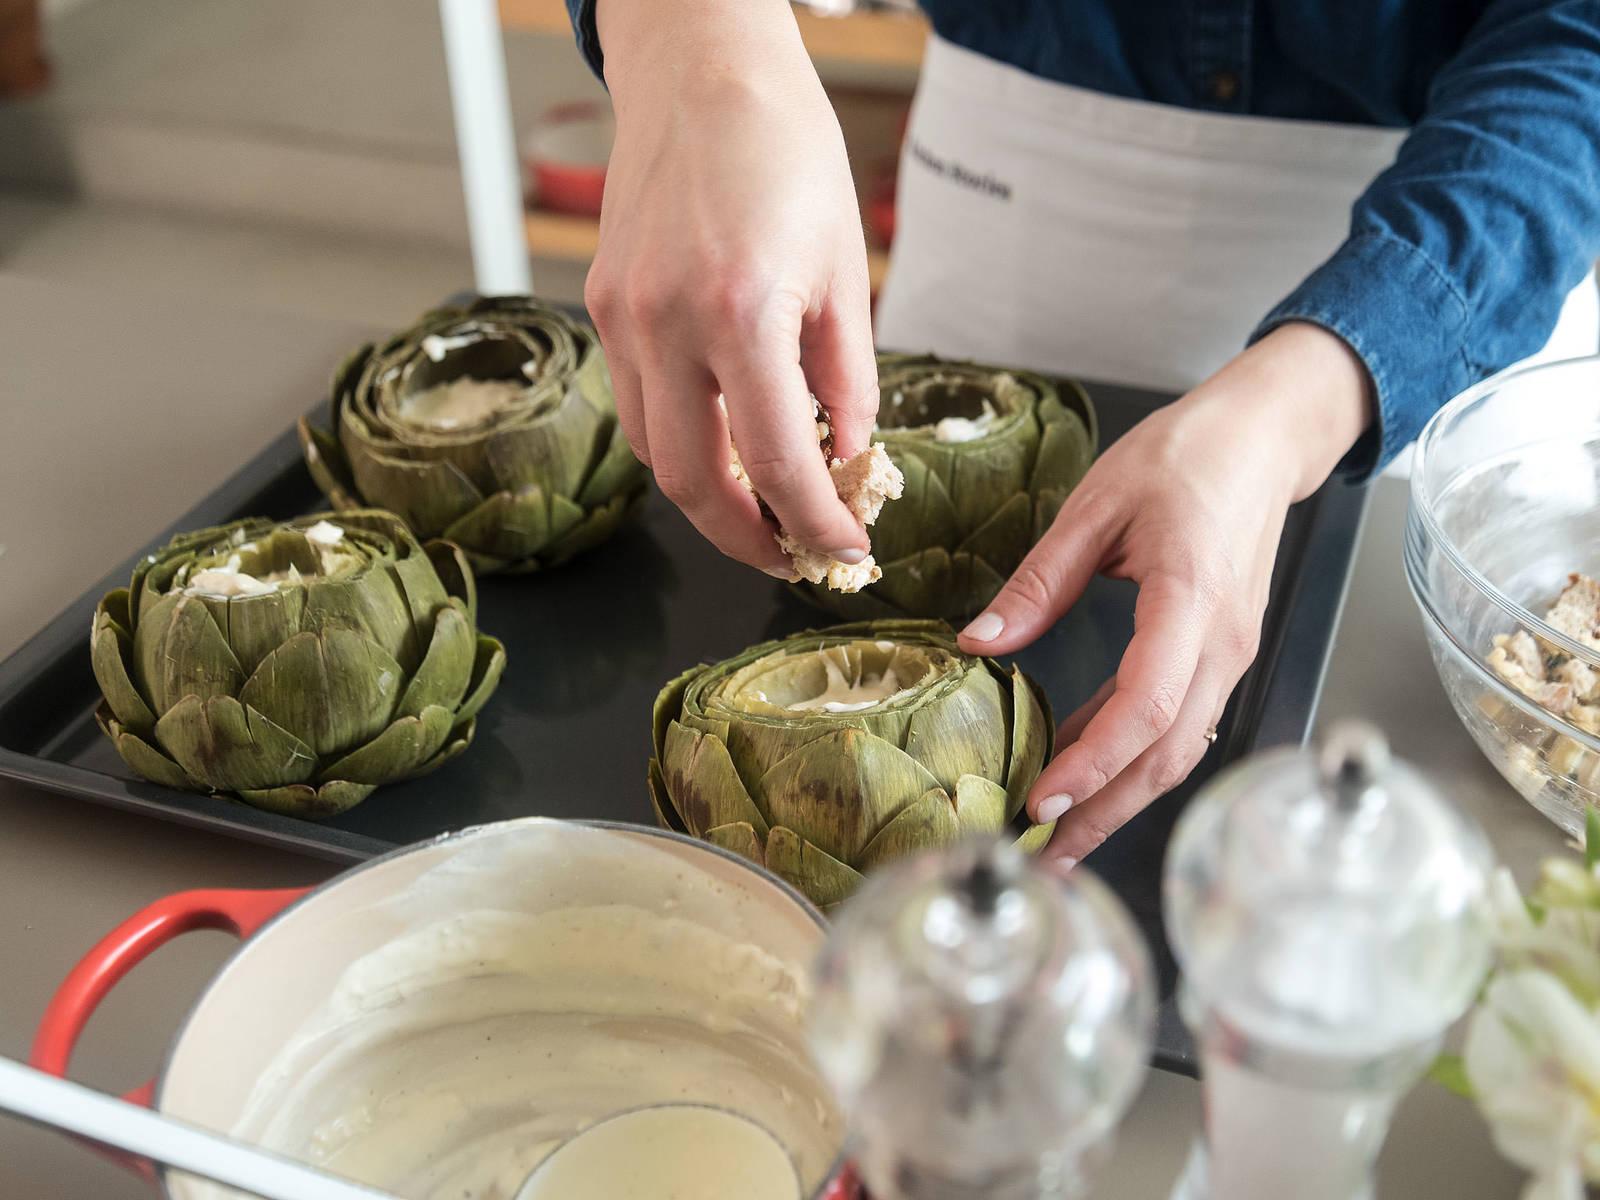 将洋蓟中间的多毛部分和紫色刺叶挖出。把洋蓟放到烤盘中,将奶酪酱放到中间部分,填满一半。均匀撒上面包丁混合物。